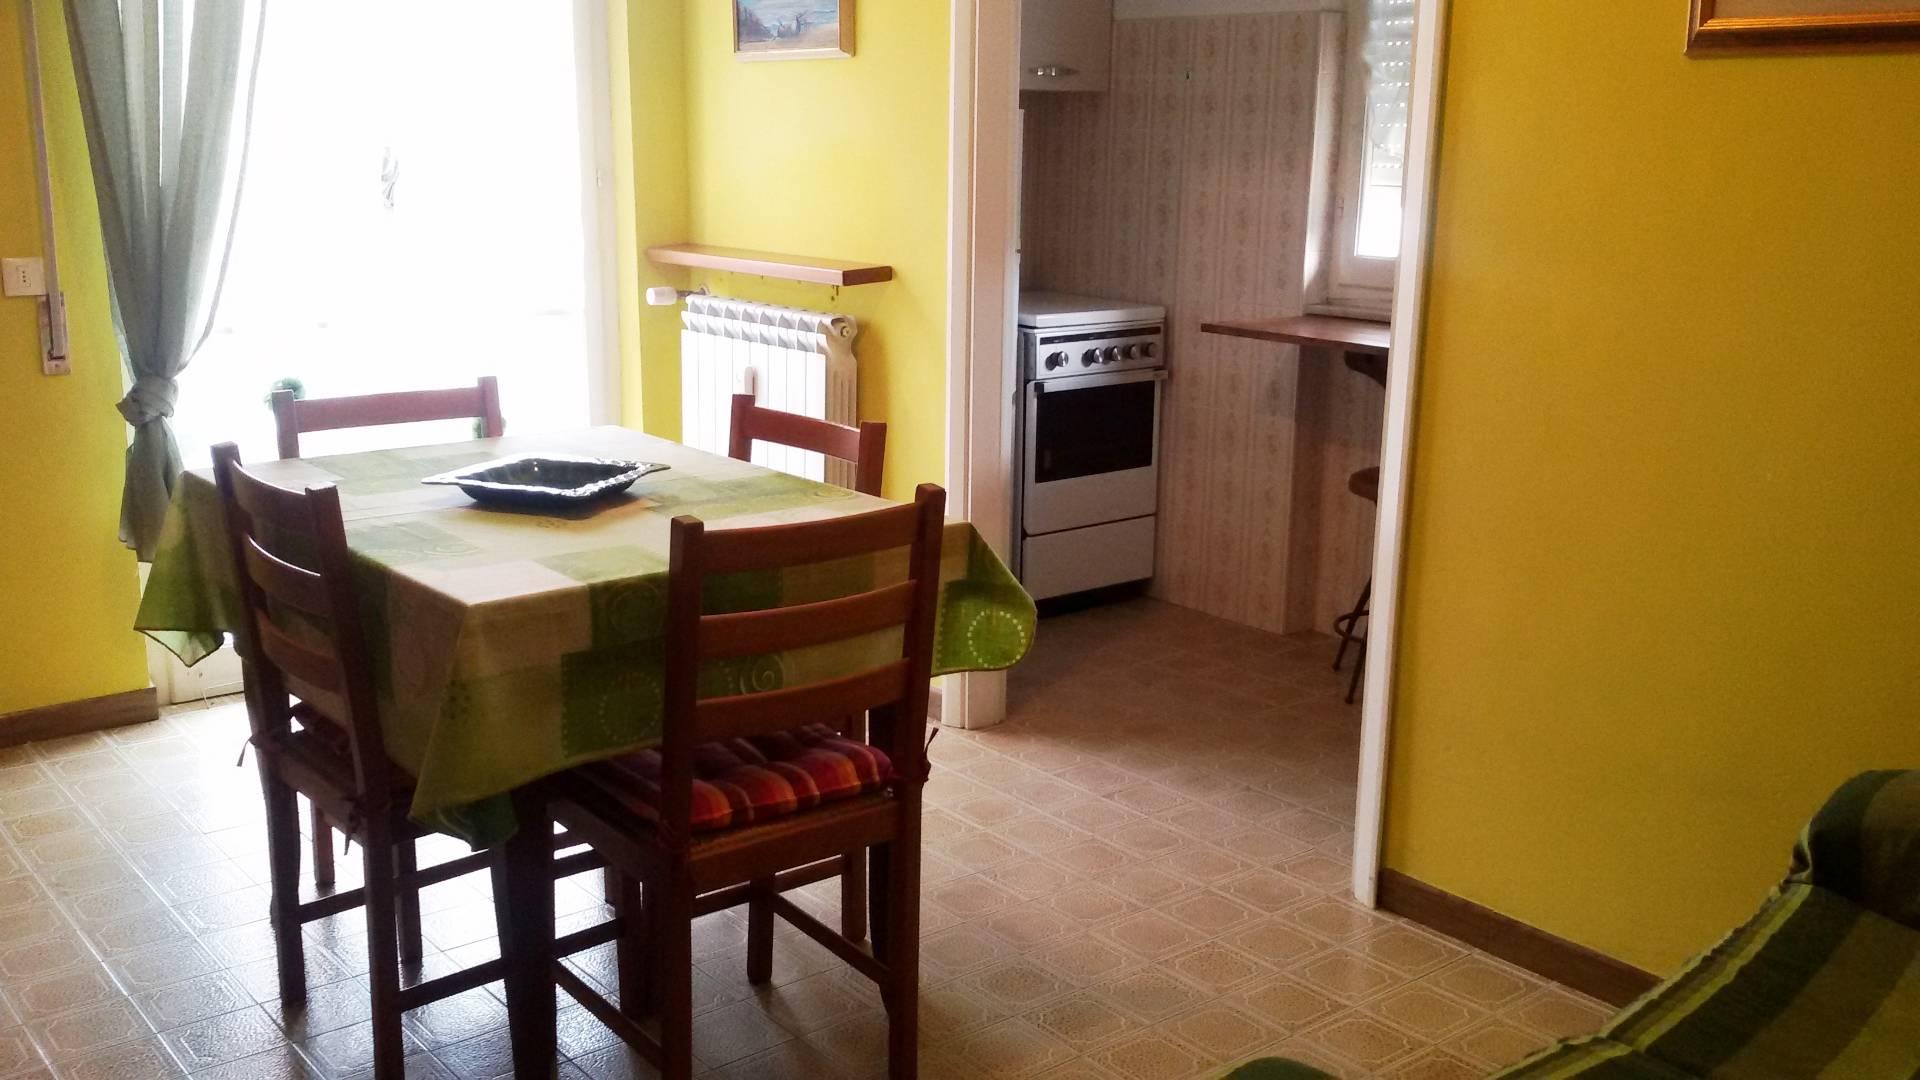 Appartamento in affitto a Pietra Ligure, 2 locali, zona Località: Stazione, prezzo € 450 | CambioCasa.it